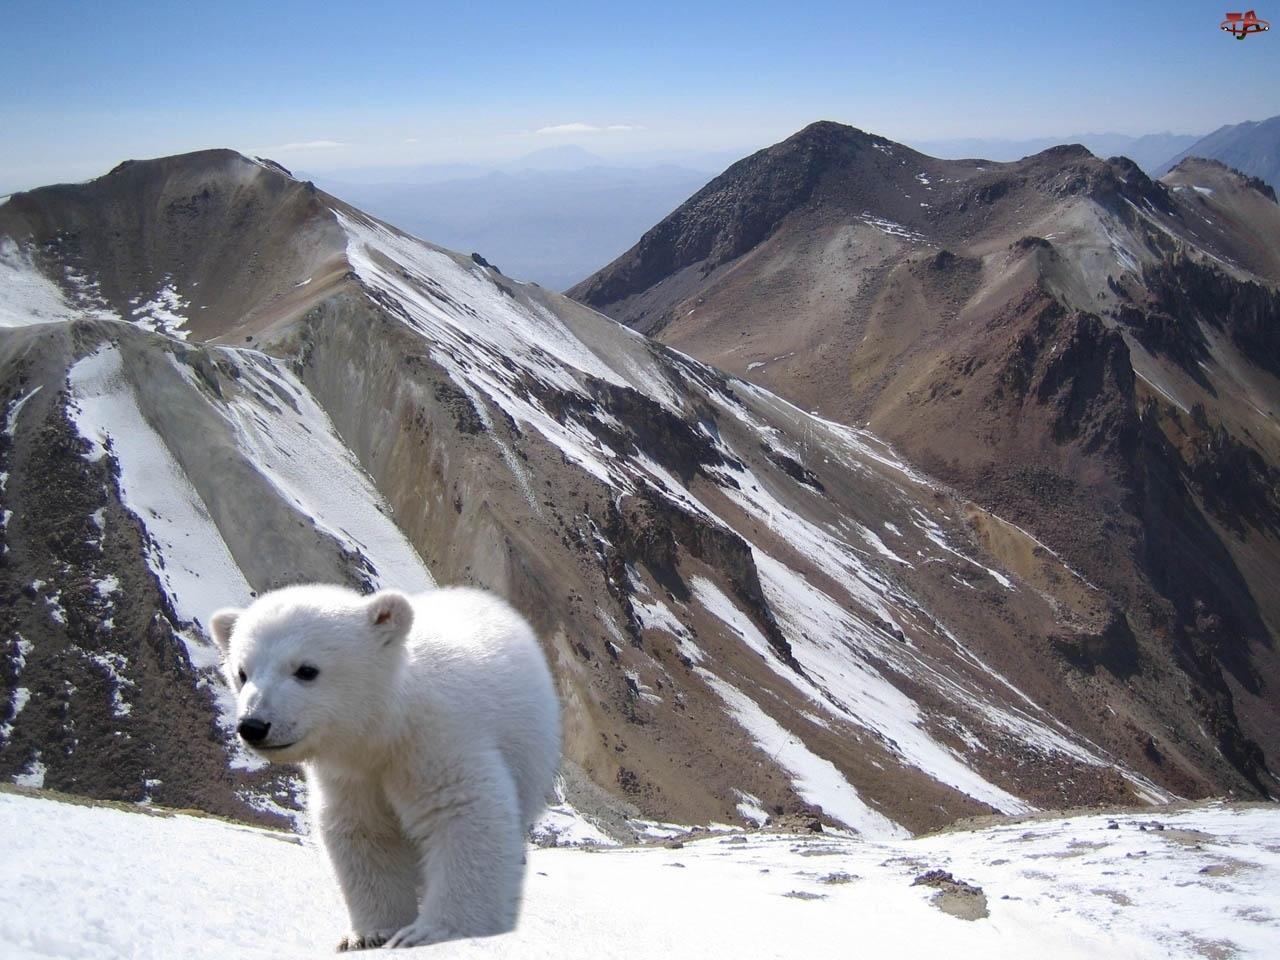 Mały, Śnieg, Niedzwiadek, Góry